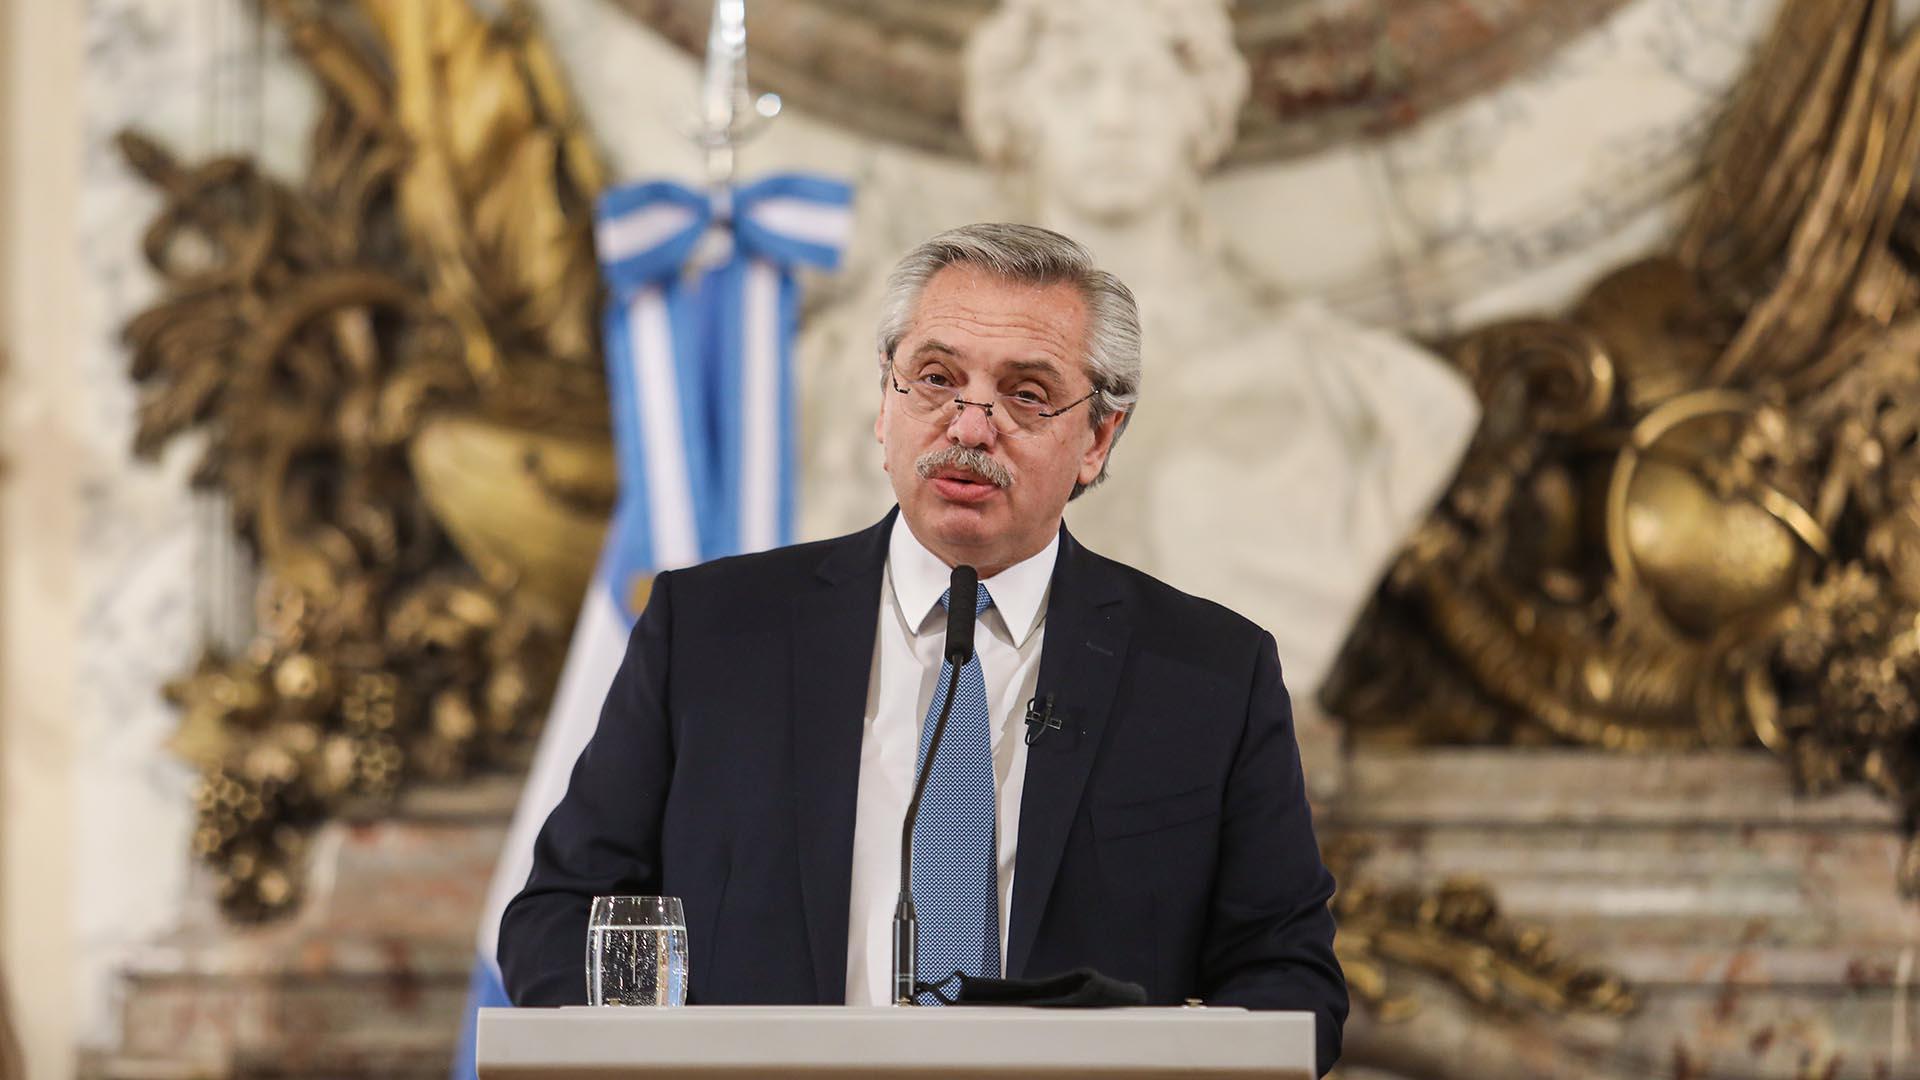 El Presidente presentó el proyecto para la reforma judicial (Presidencia)